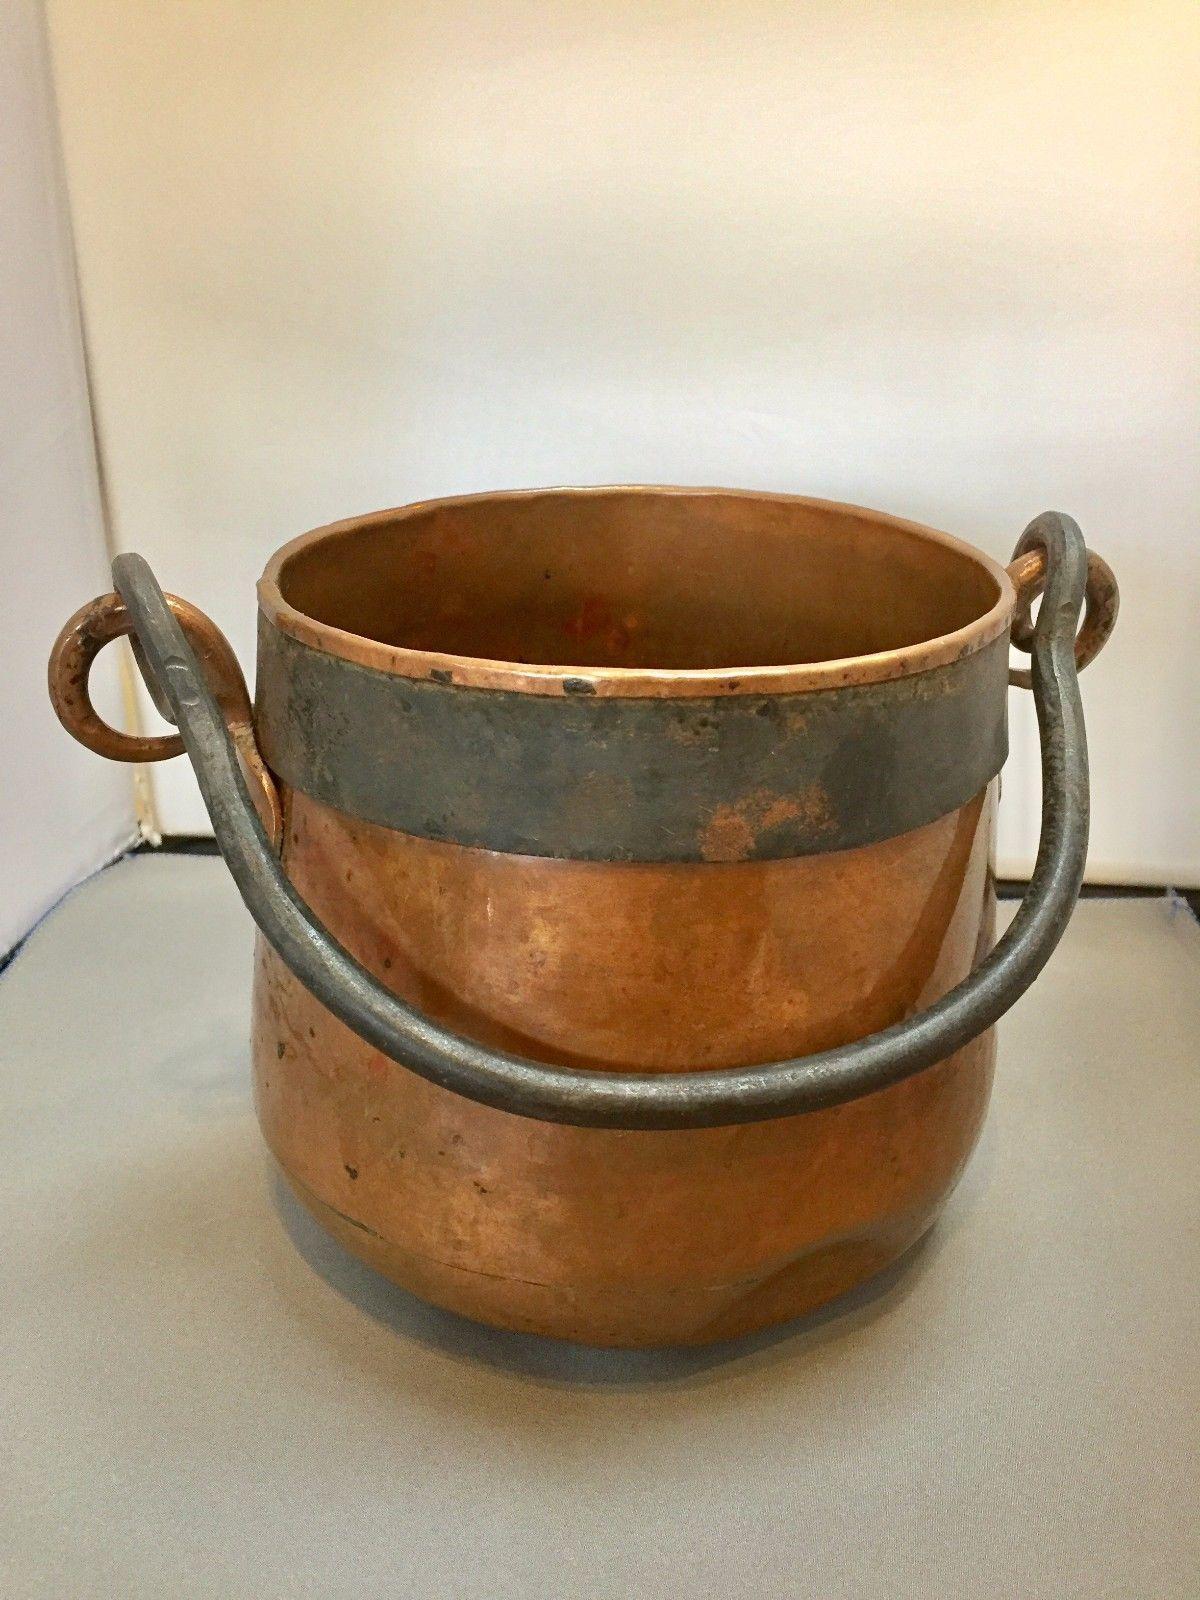 Details about Hector Aguilar antique copper pot | Copper pots ...